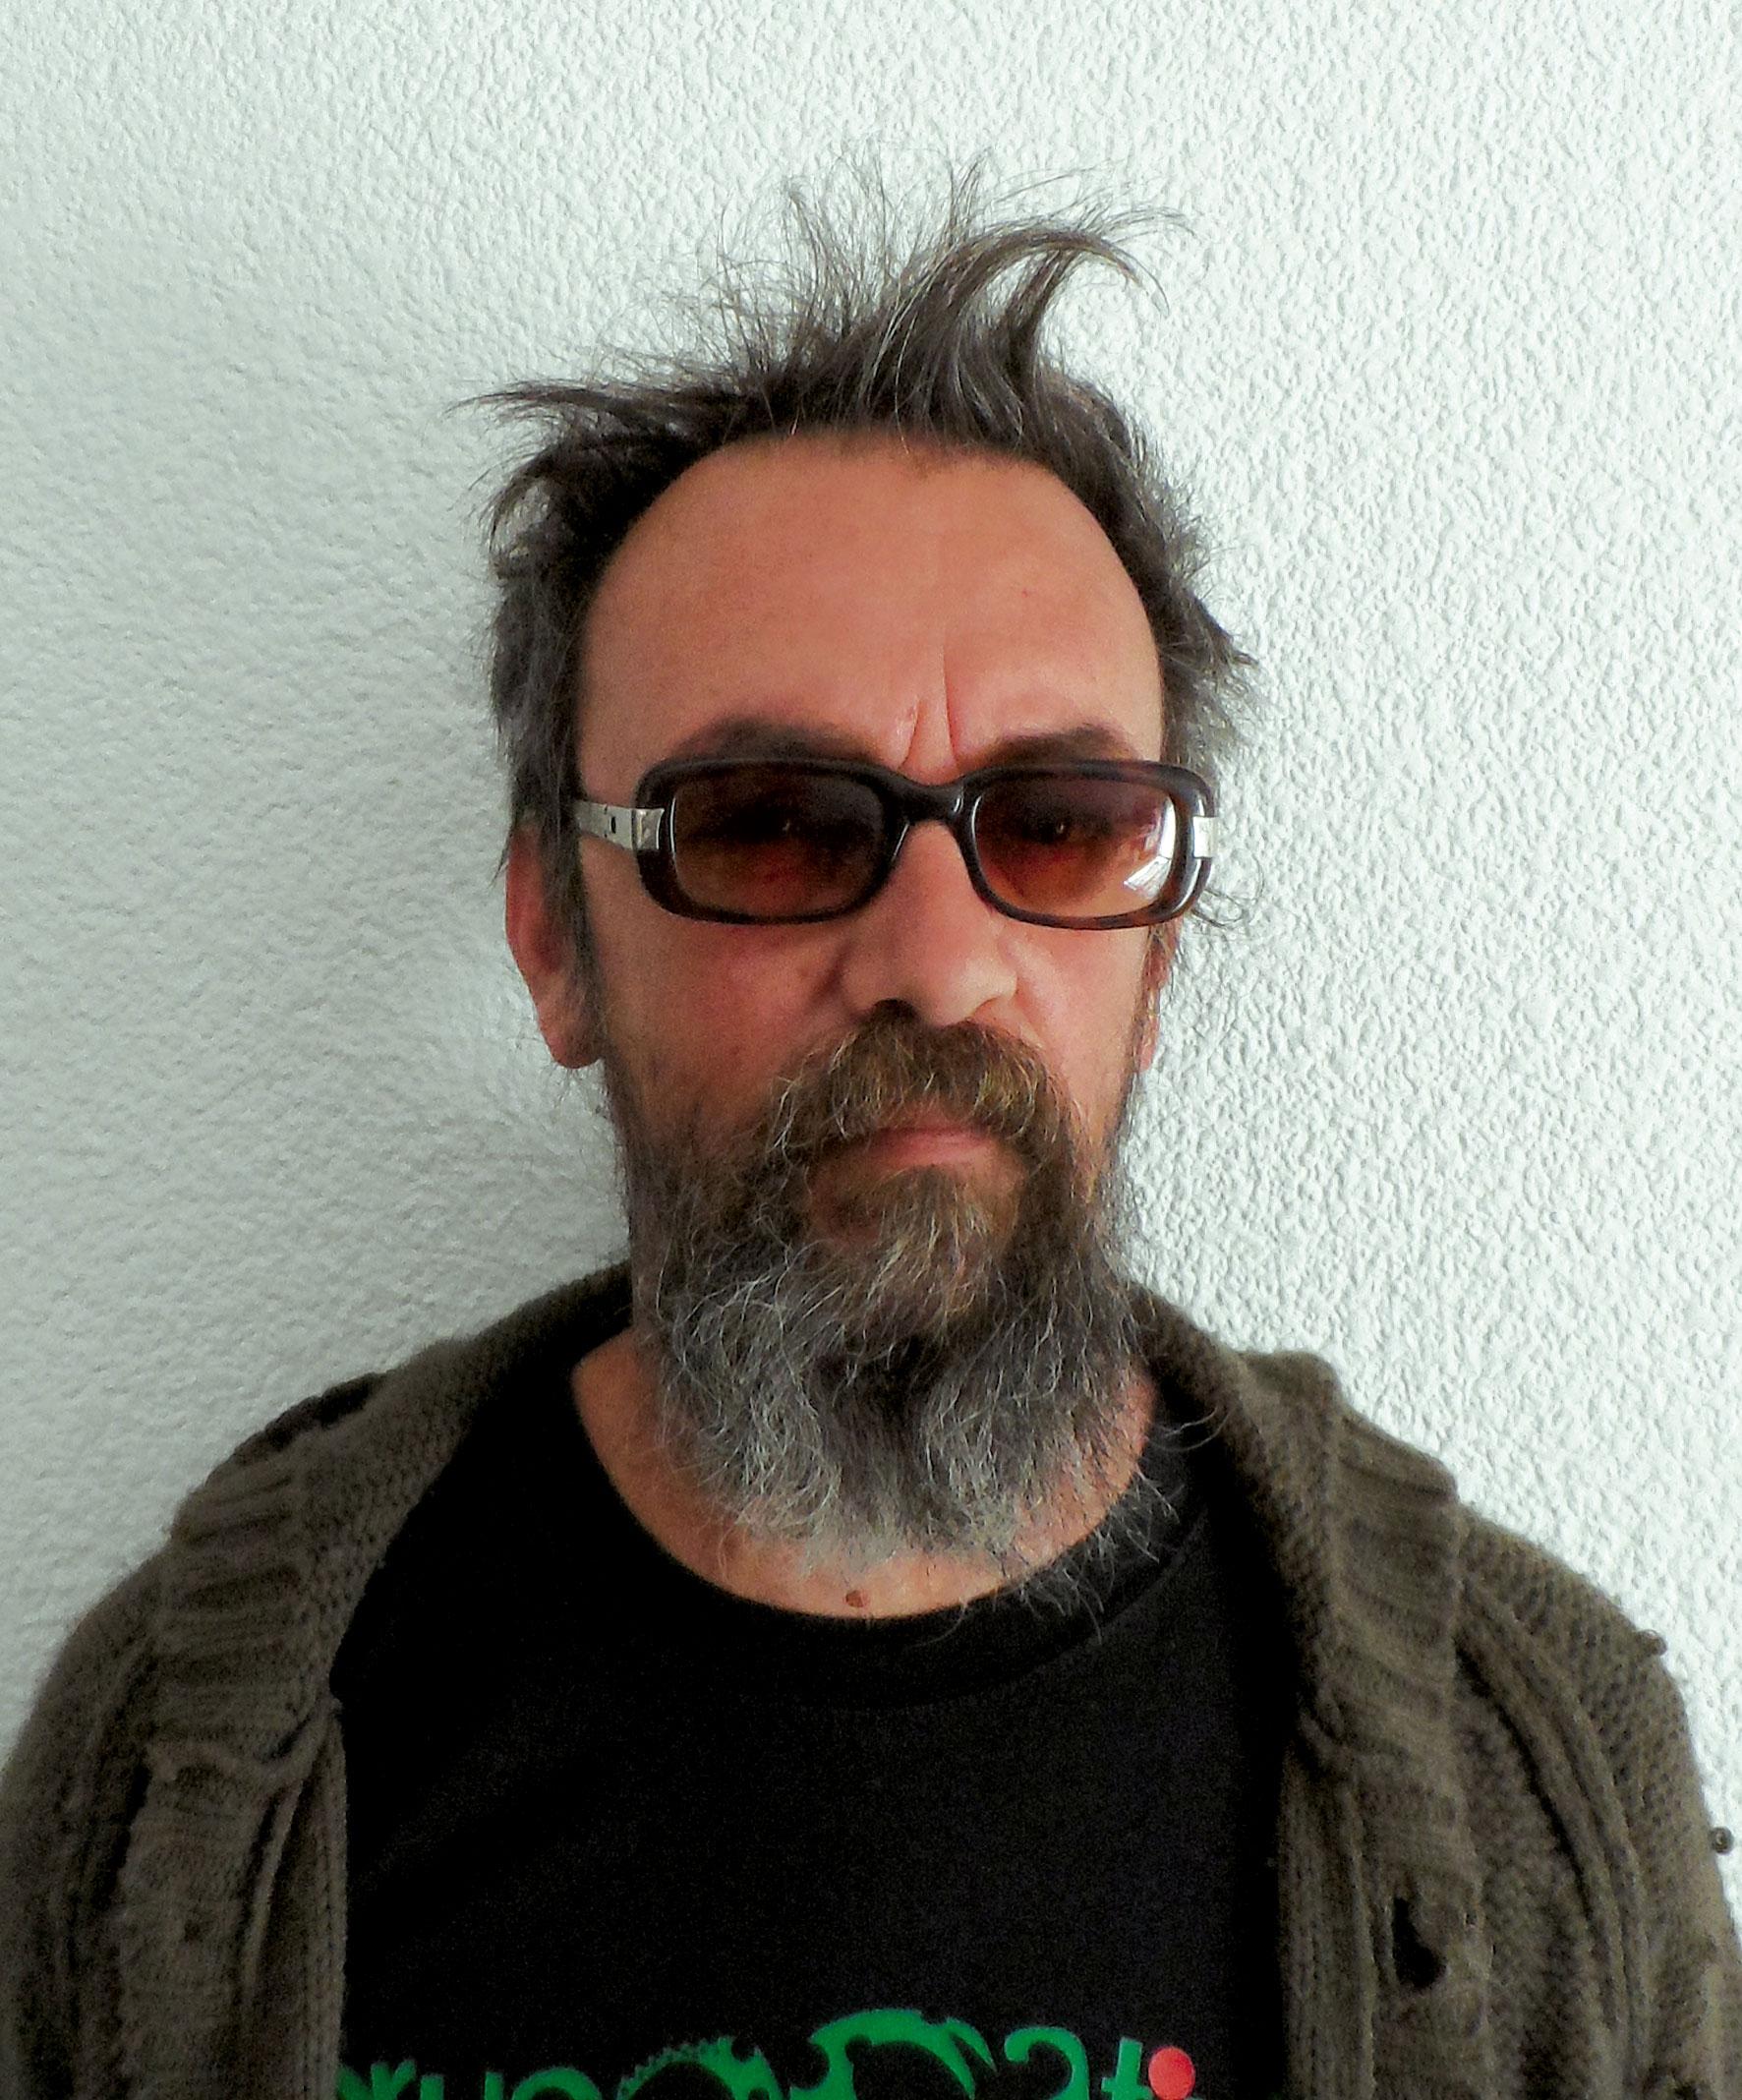 Juan Chavetta (Ilustrador)